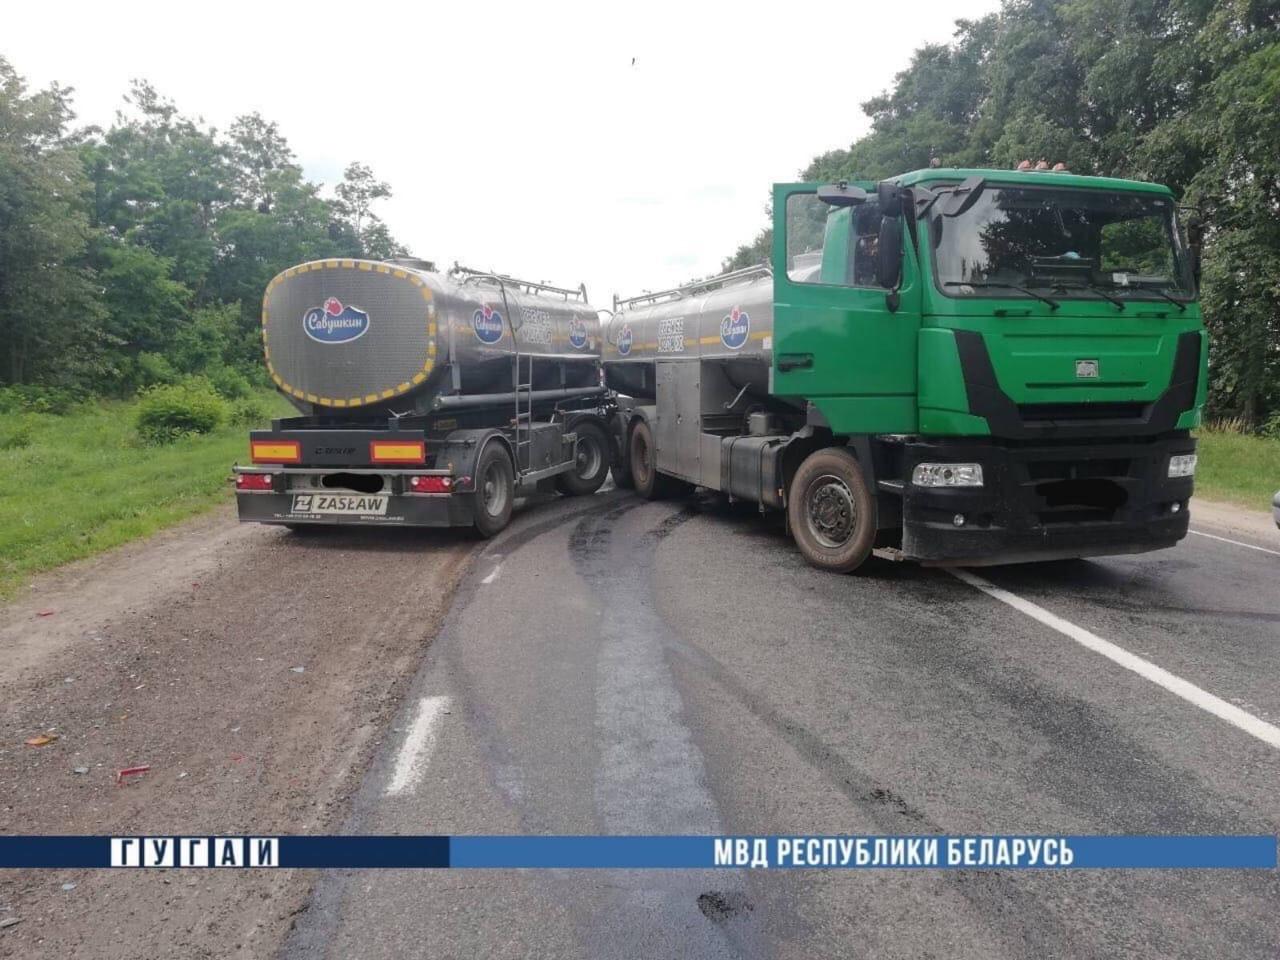 ГАИ ищет свидетелей и очевидцев дорожной аварии с участием молоковоза